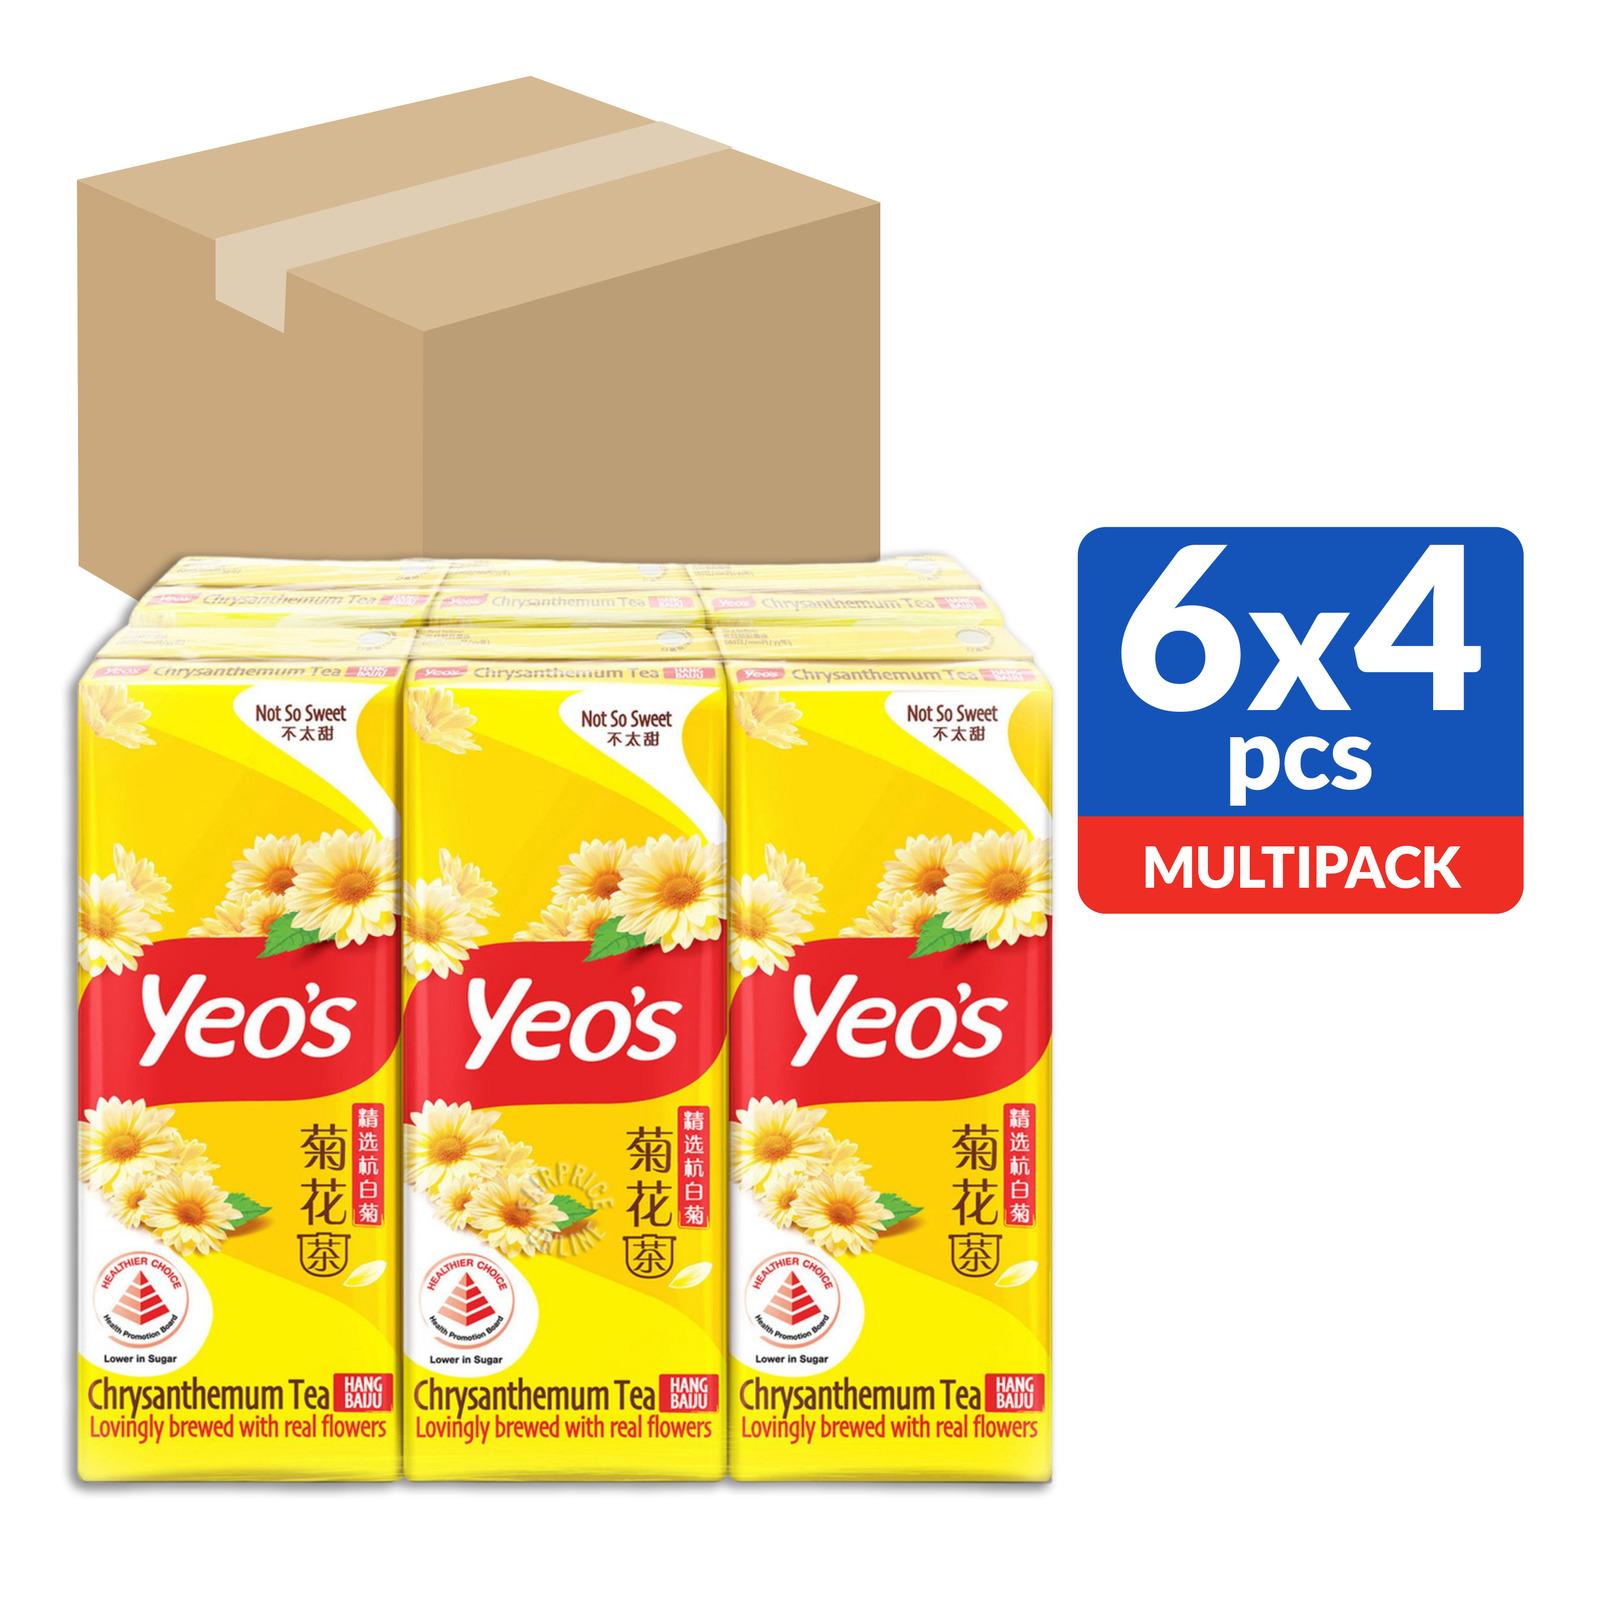 Yeo's Packet Drink - Chrysanthemum Tea (Not So Sweet)